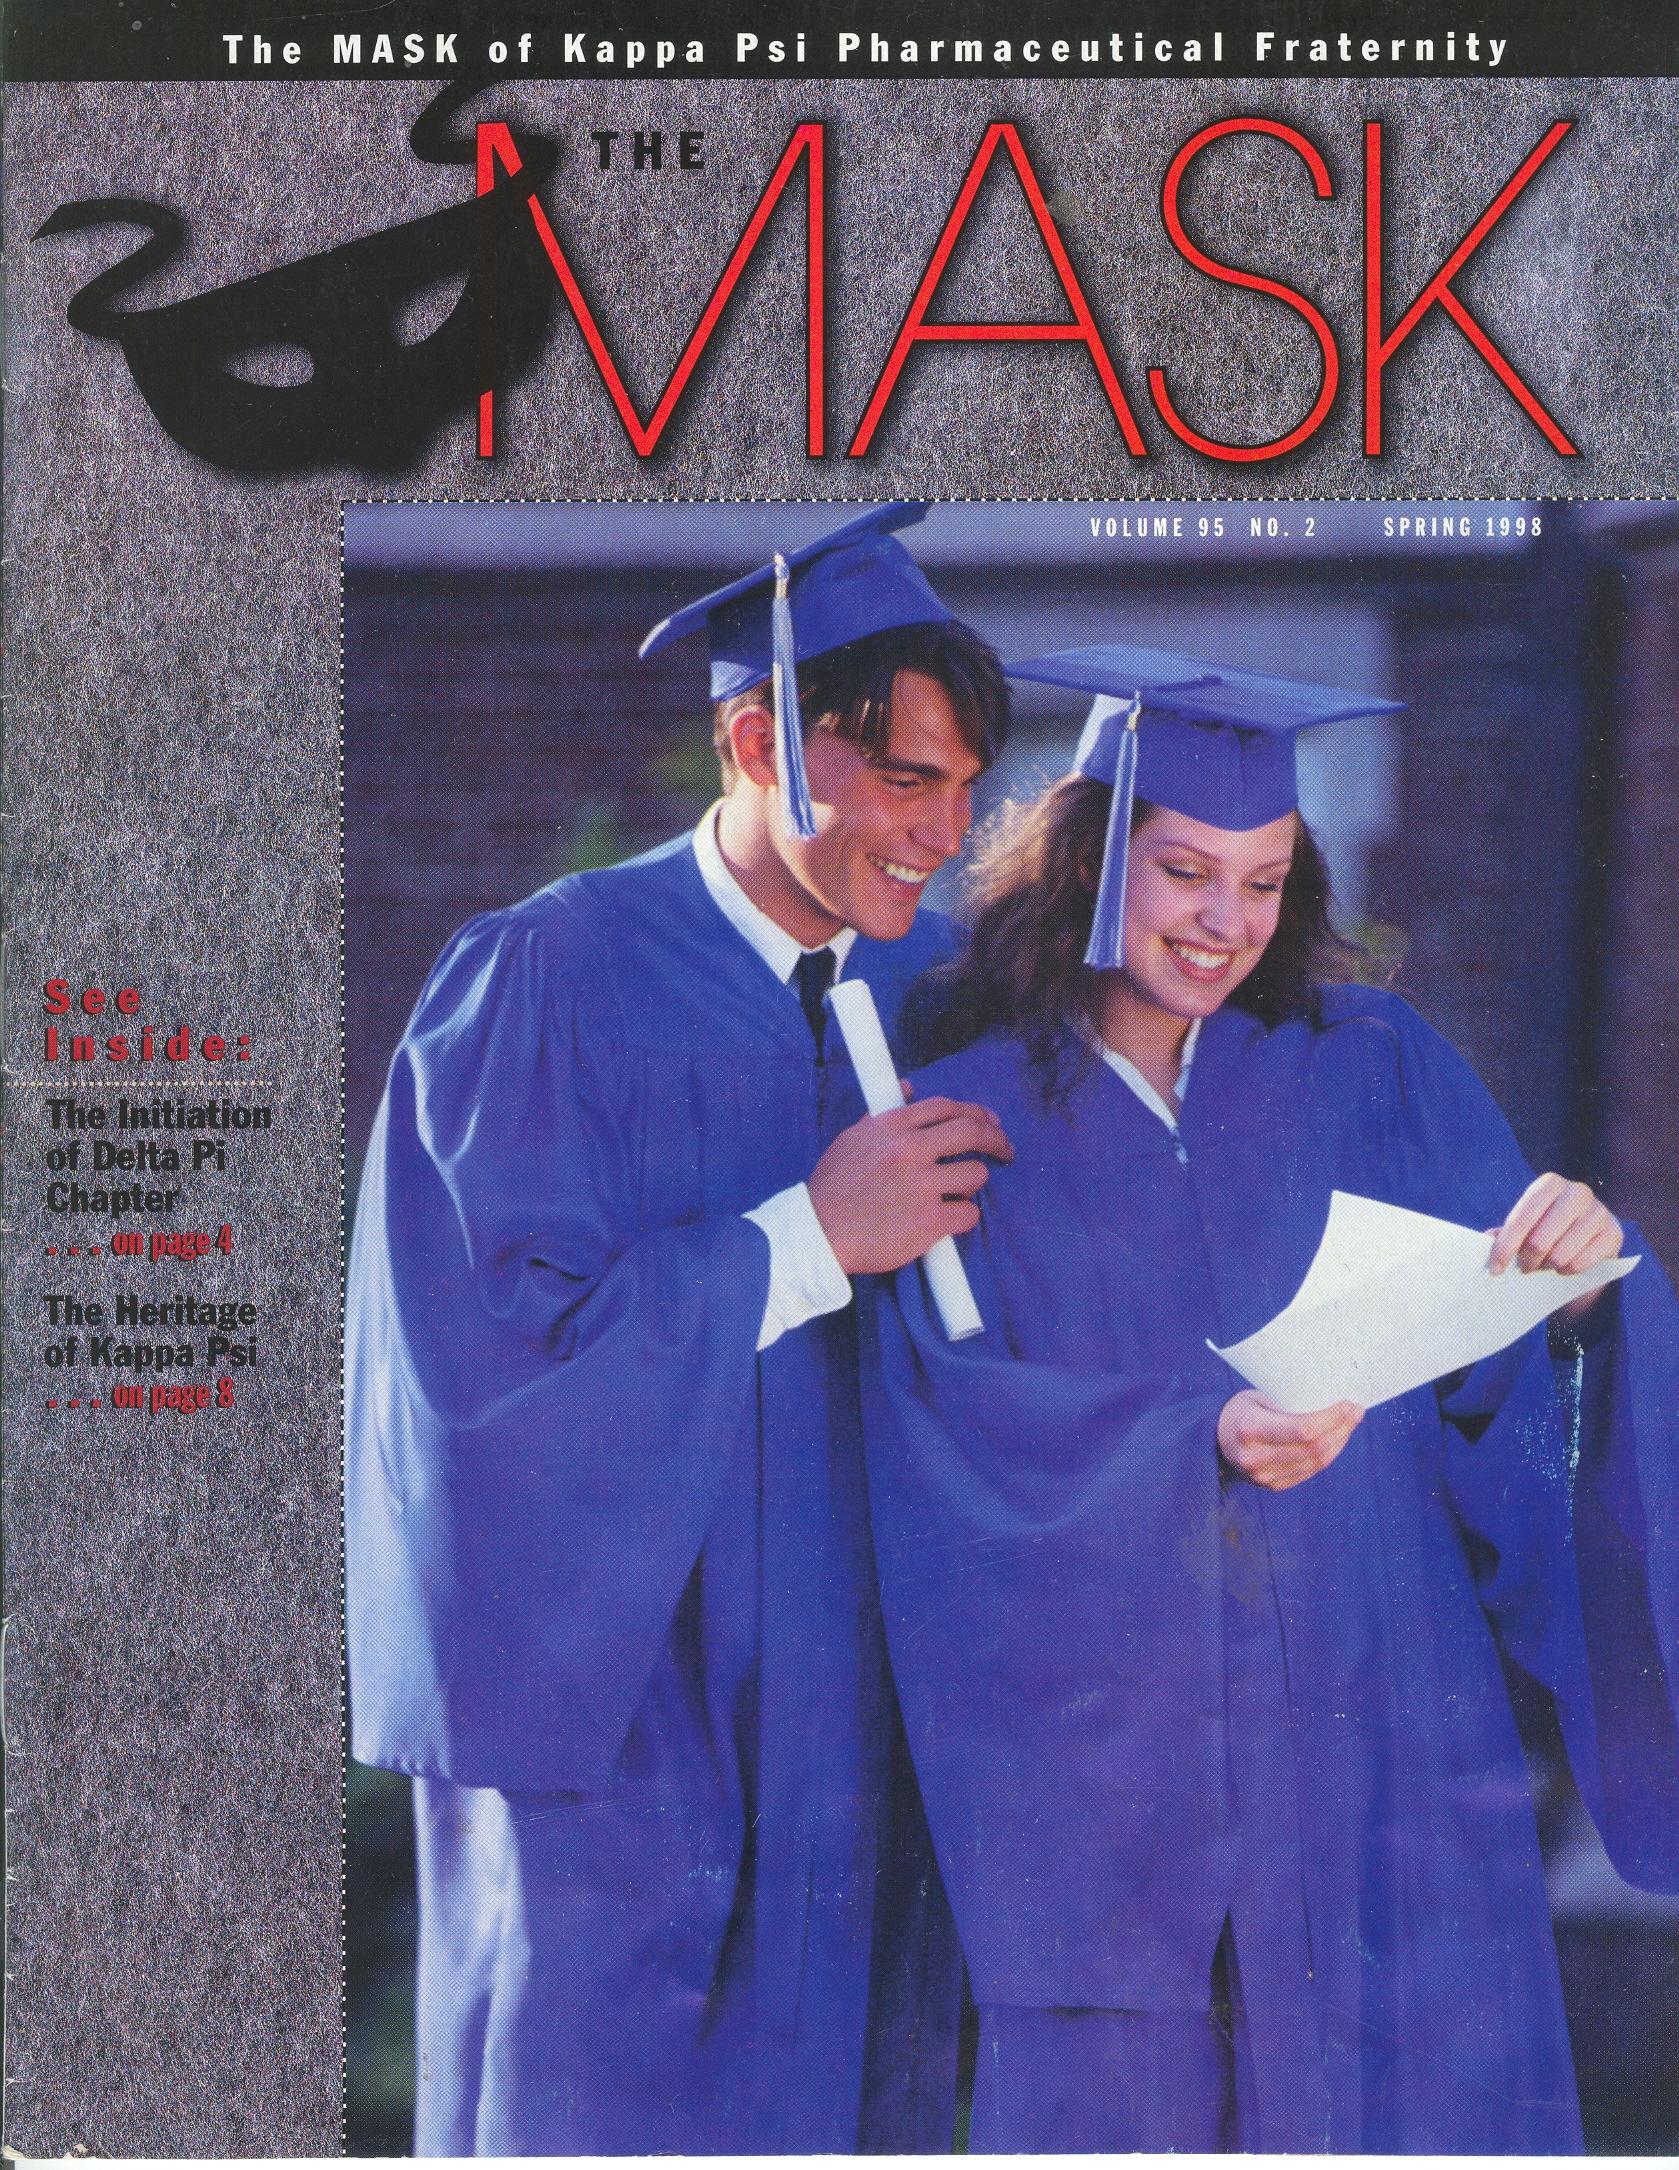 mask_cover_95-2_1998_spr.jpg